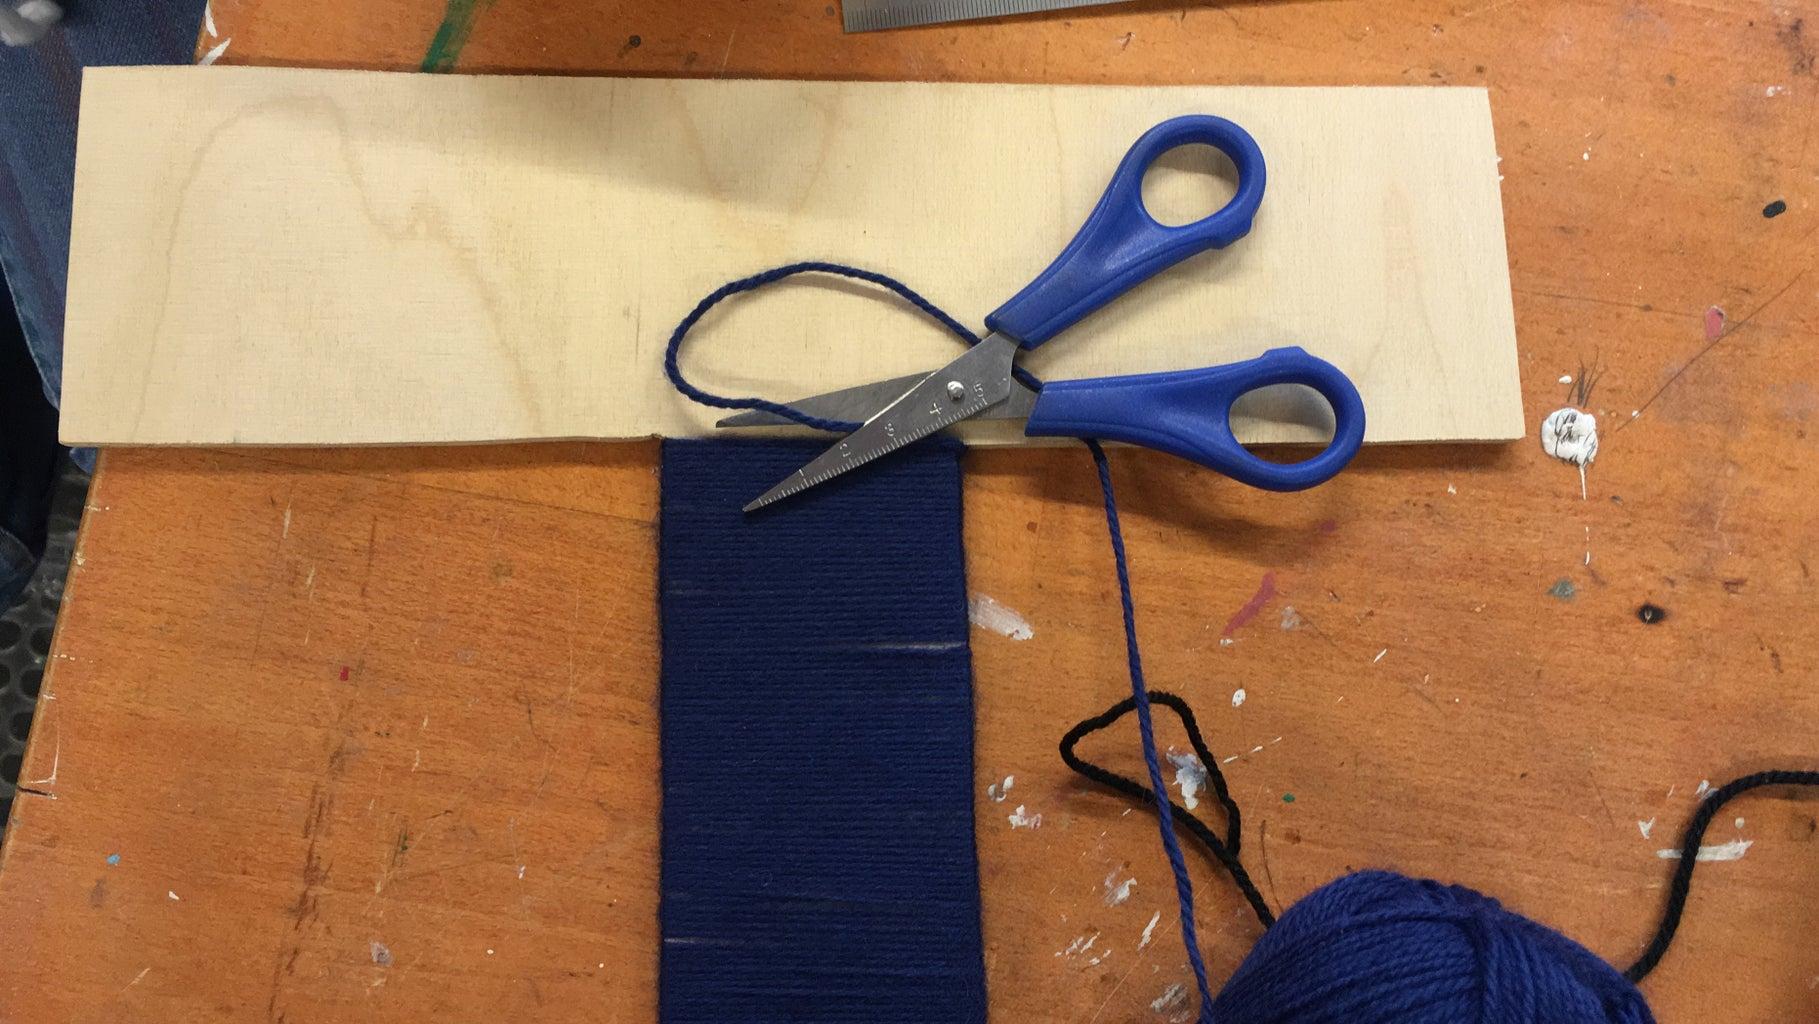 Glue the Yarn